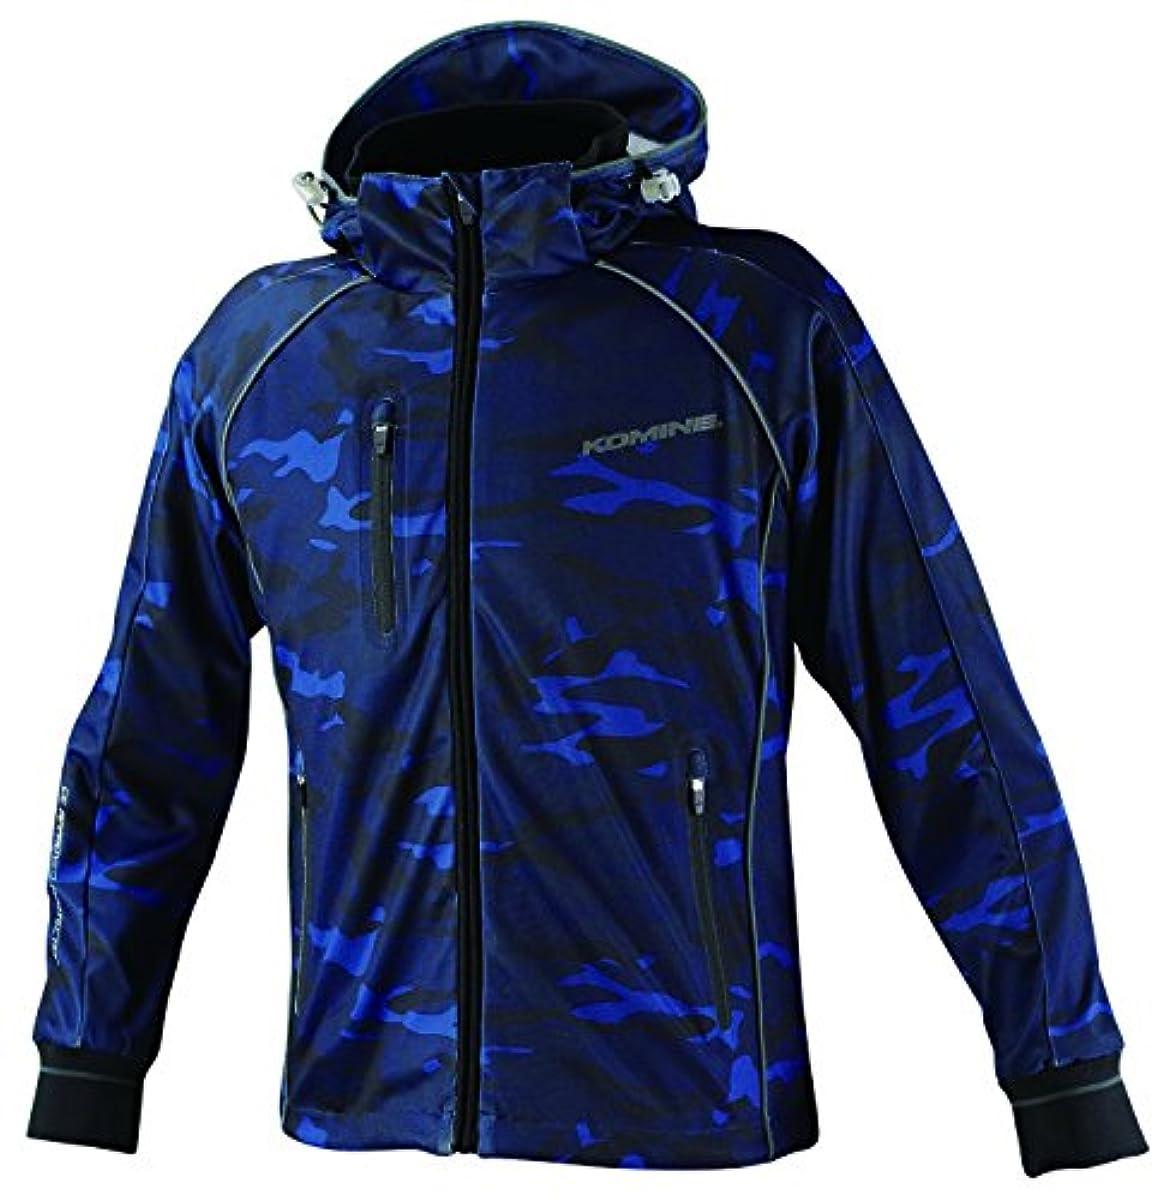 [해외] 코미네 KOMINE 오토바이 숨(su:m)스 메쉬 저지 파카 재킷 아우터 더 네 프로텍터 통기성 BLUE CAMO M 07-113 JK-113